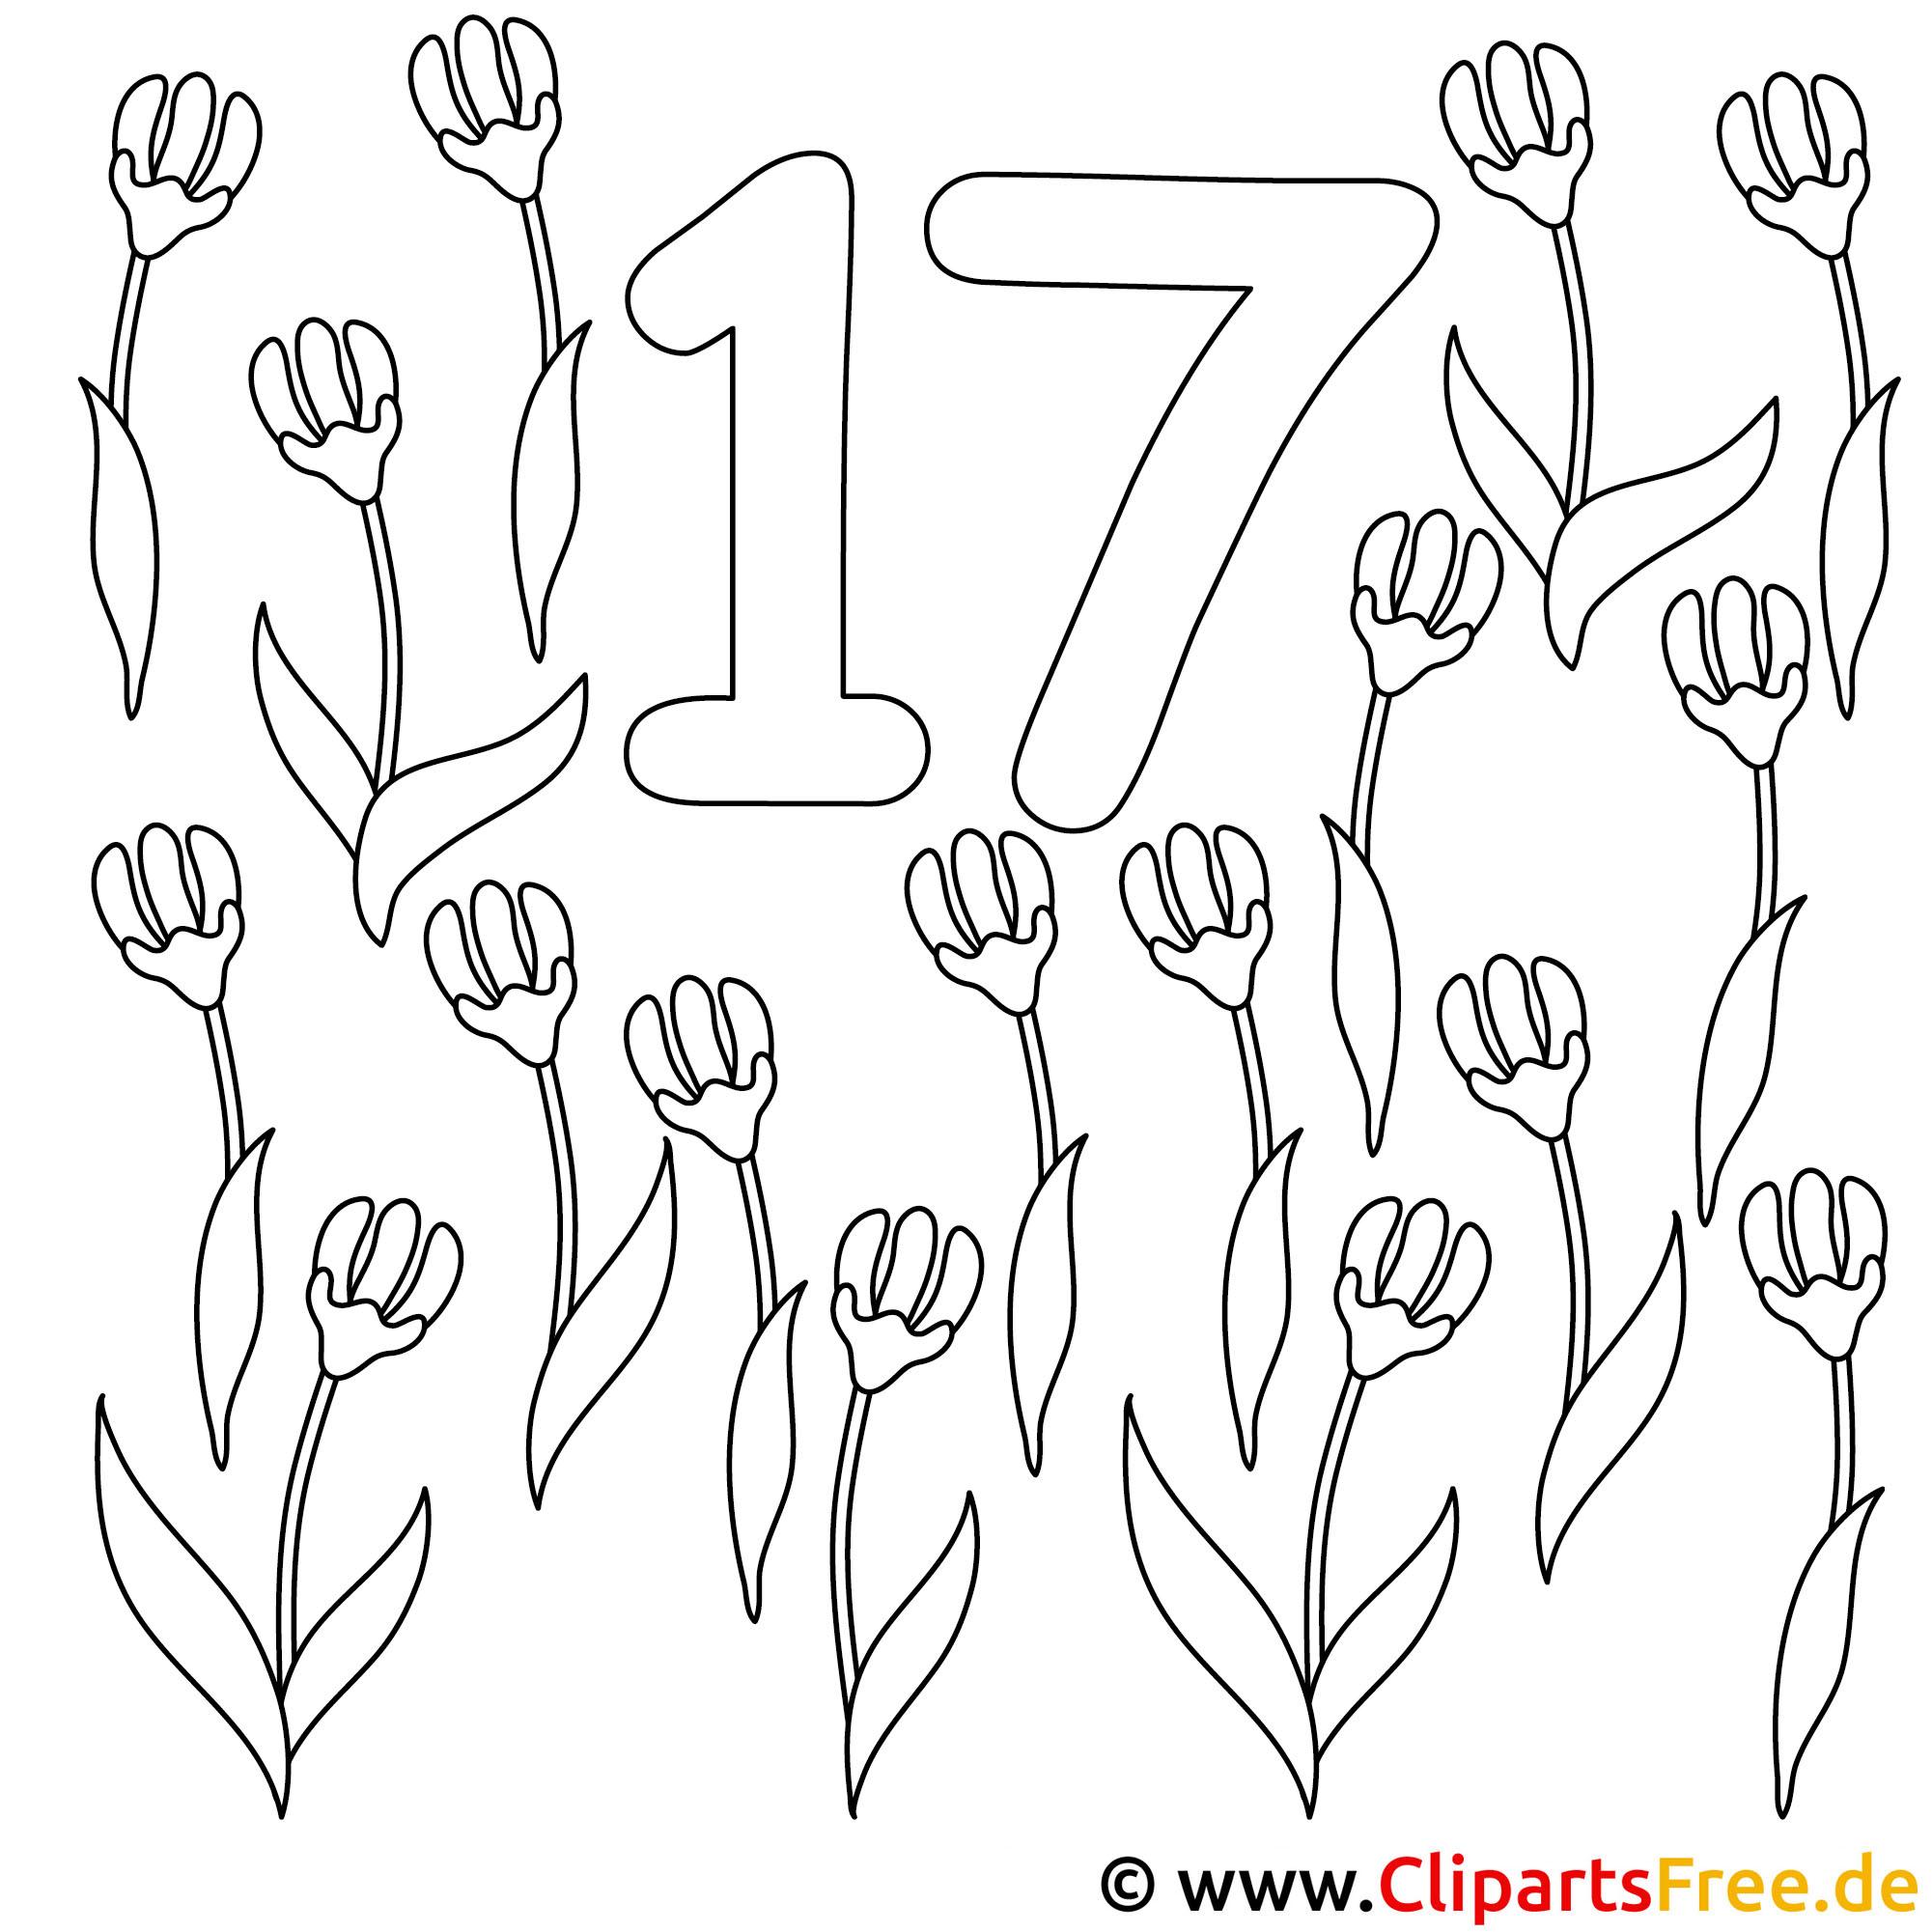 Zahl 17 mit Blumen - Zahlen Window Color Vorlagen